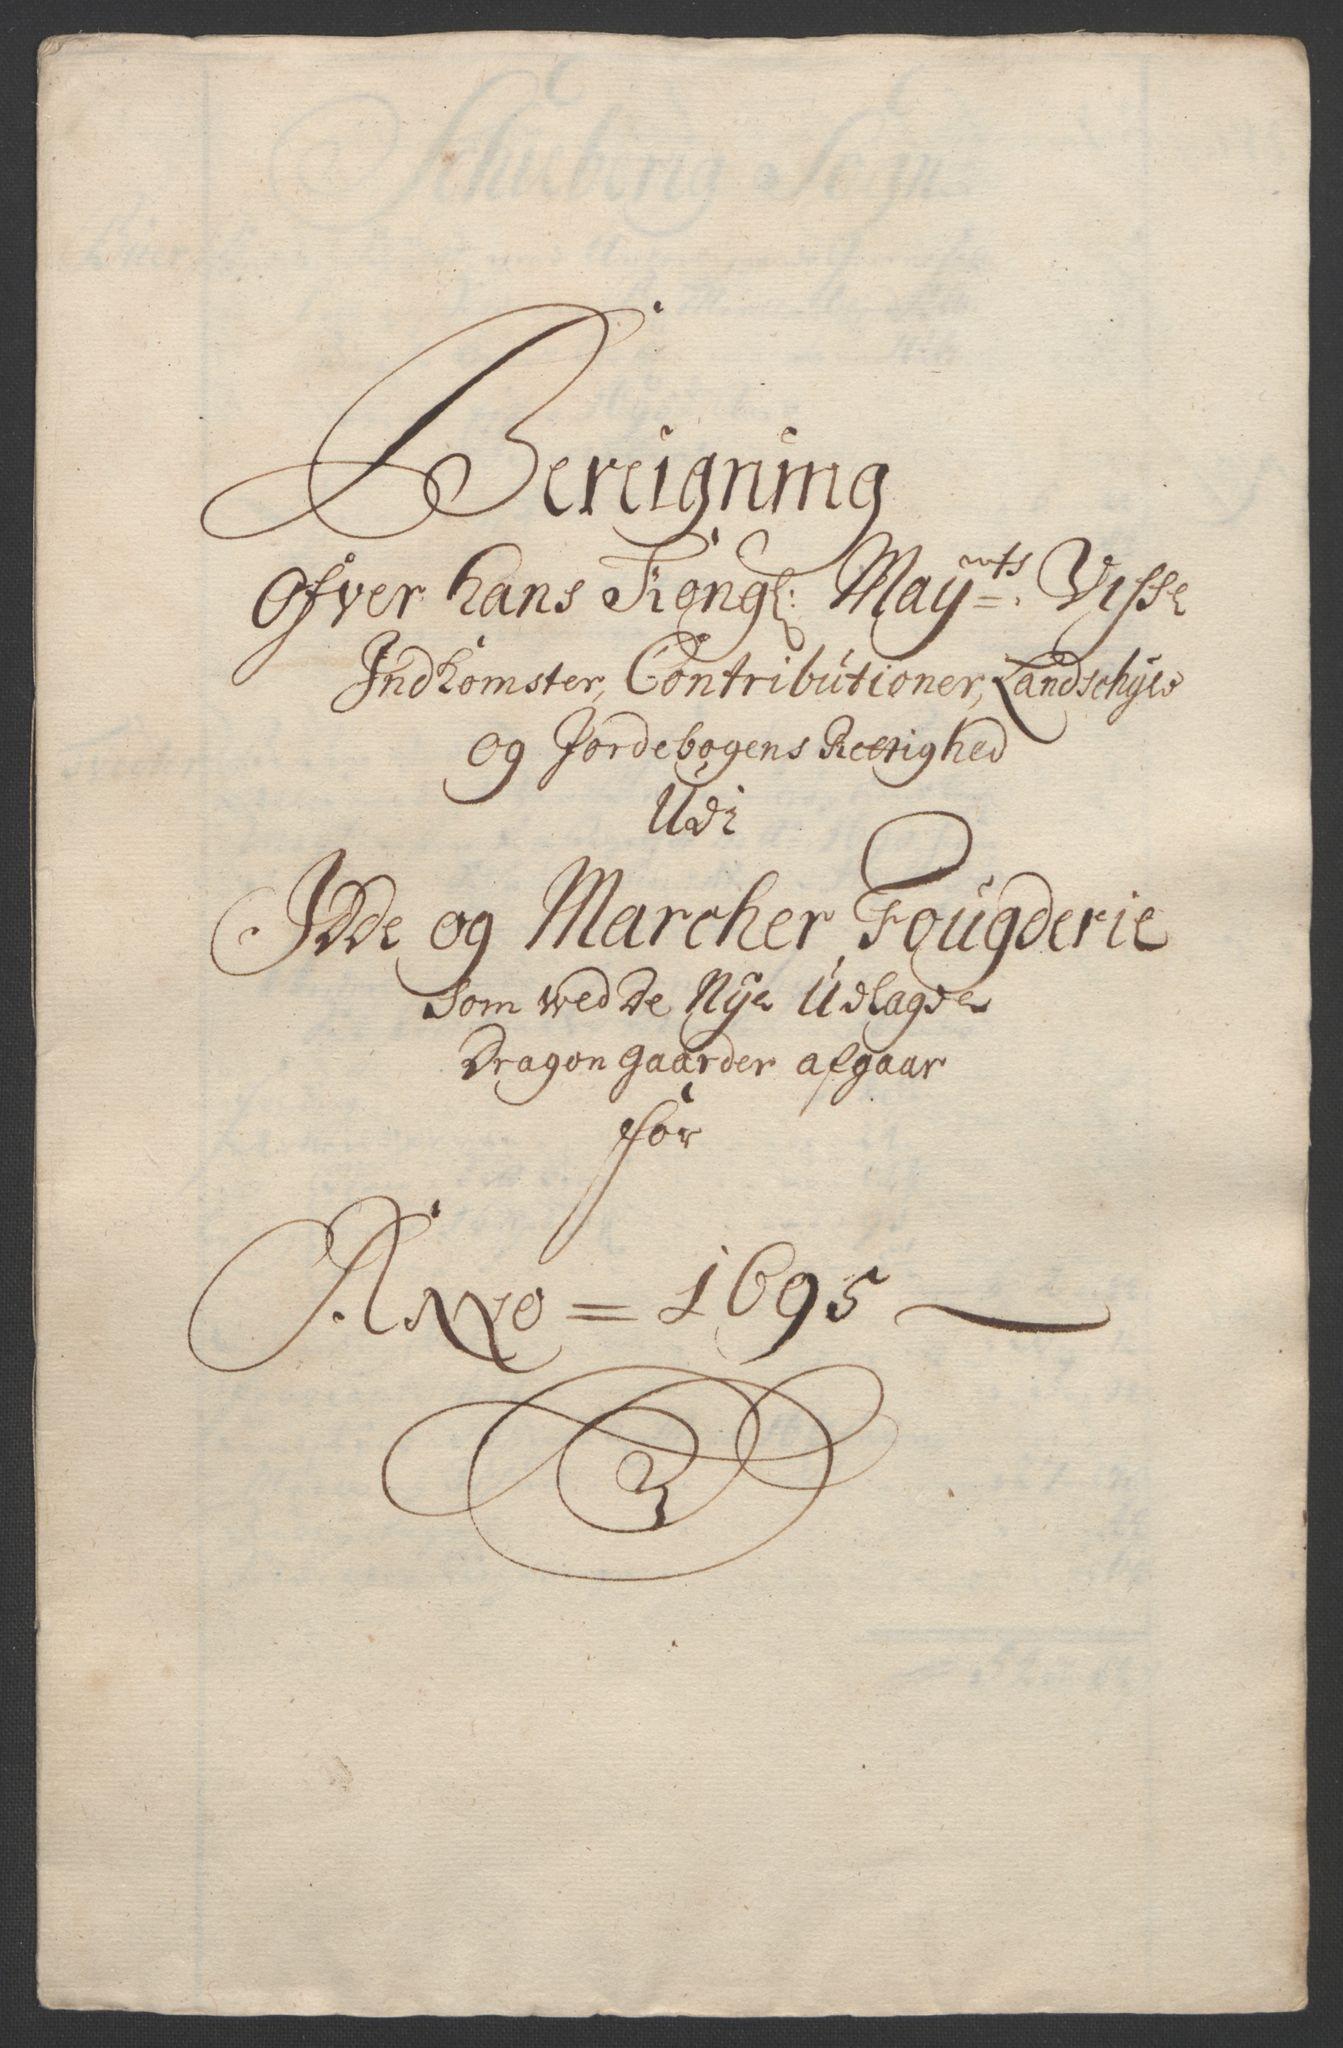 RA, Rentekammeret inntil 1814, Reviderte regnskaper, Fogderegnskap, R01/L0012: Fogderegnskap Idd og Marker, 1694-1695, s. 254